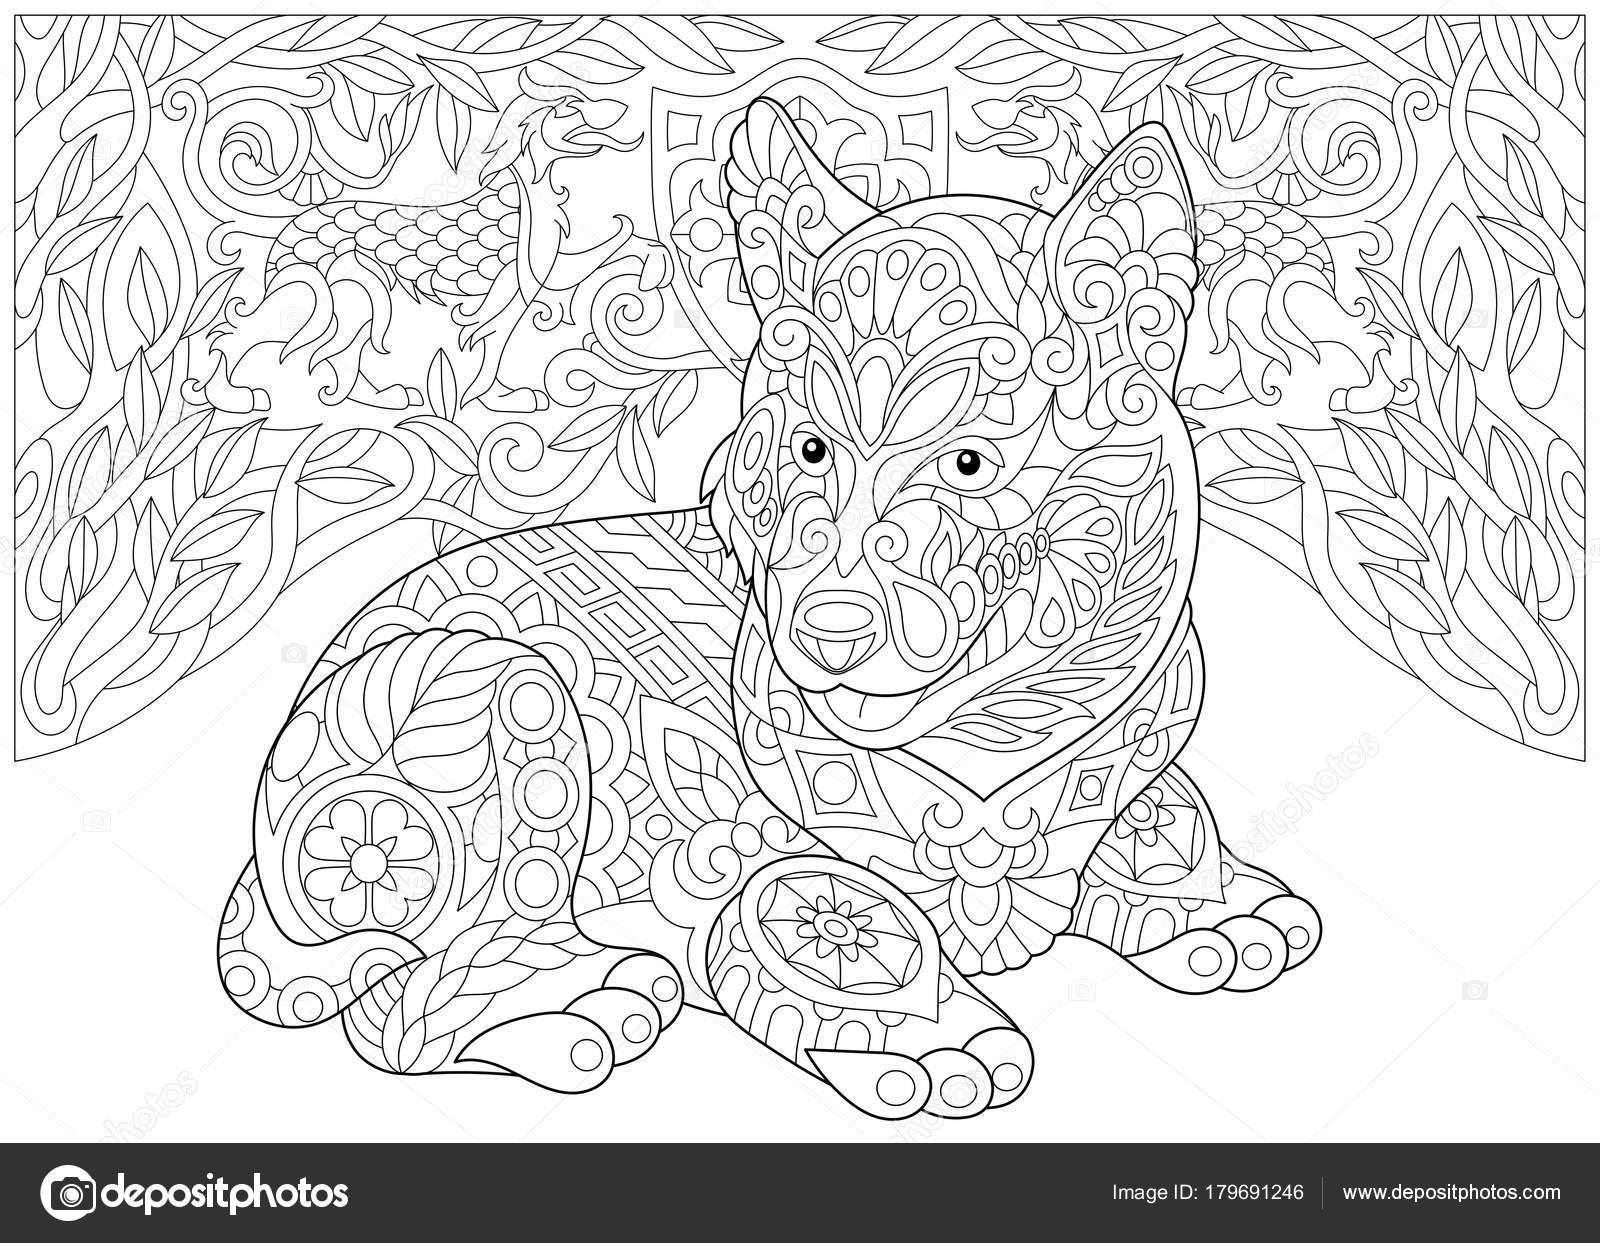 Husky siberiano de zentangle y perros heráldicos — Archivo Imágenes ...